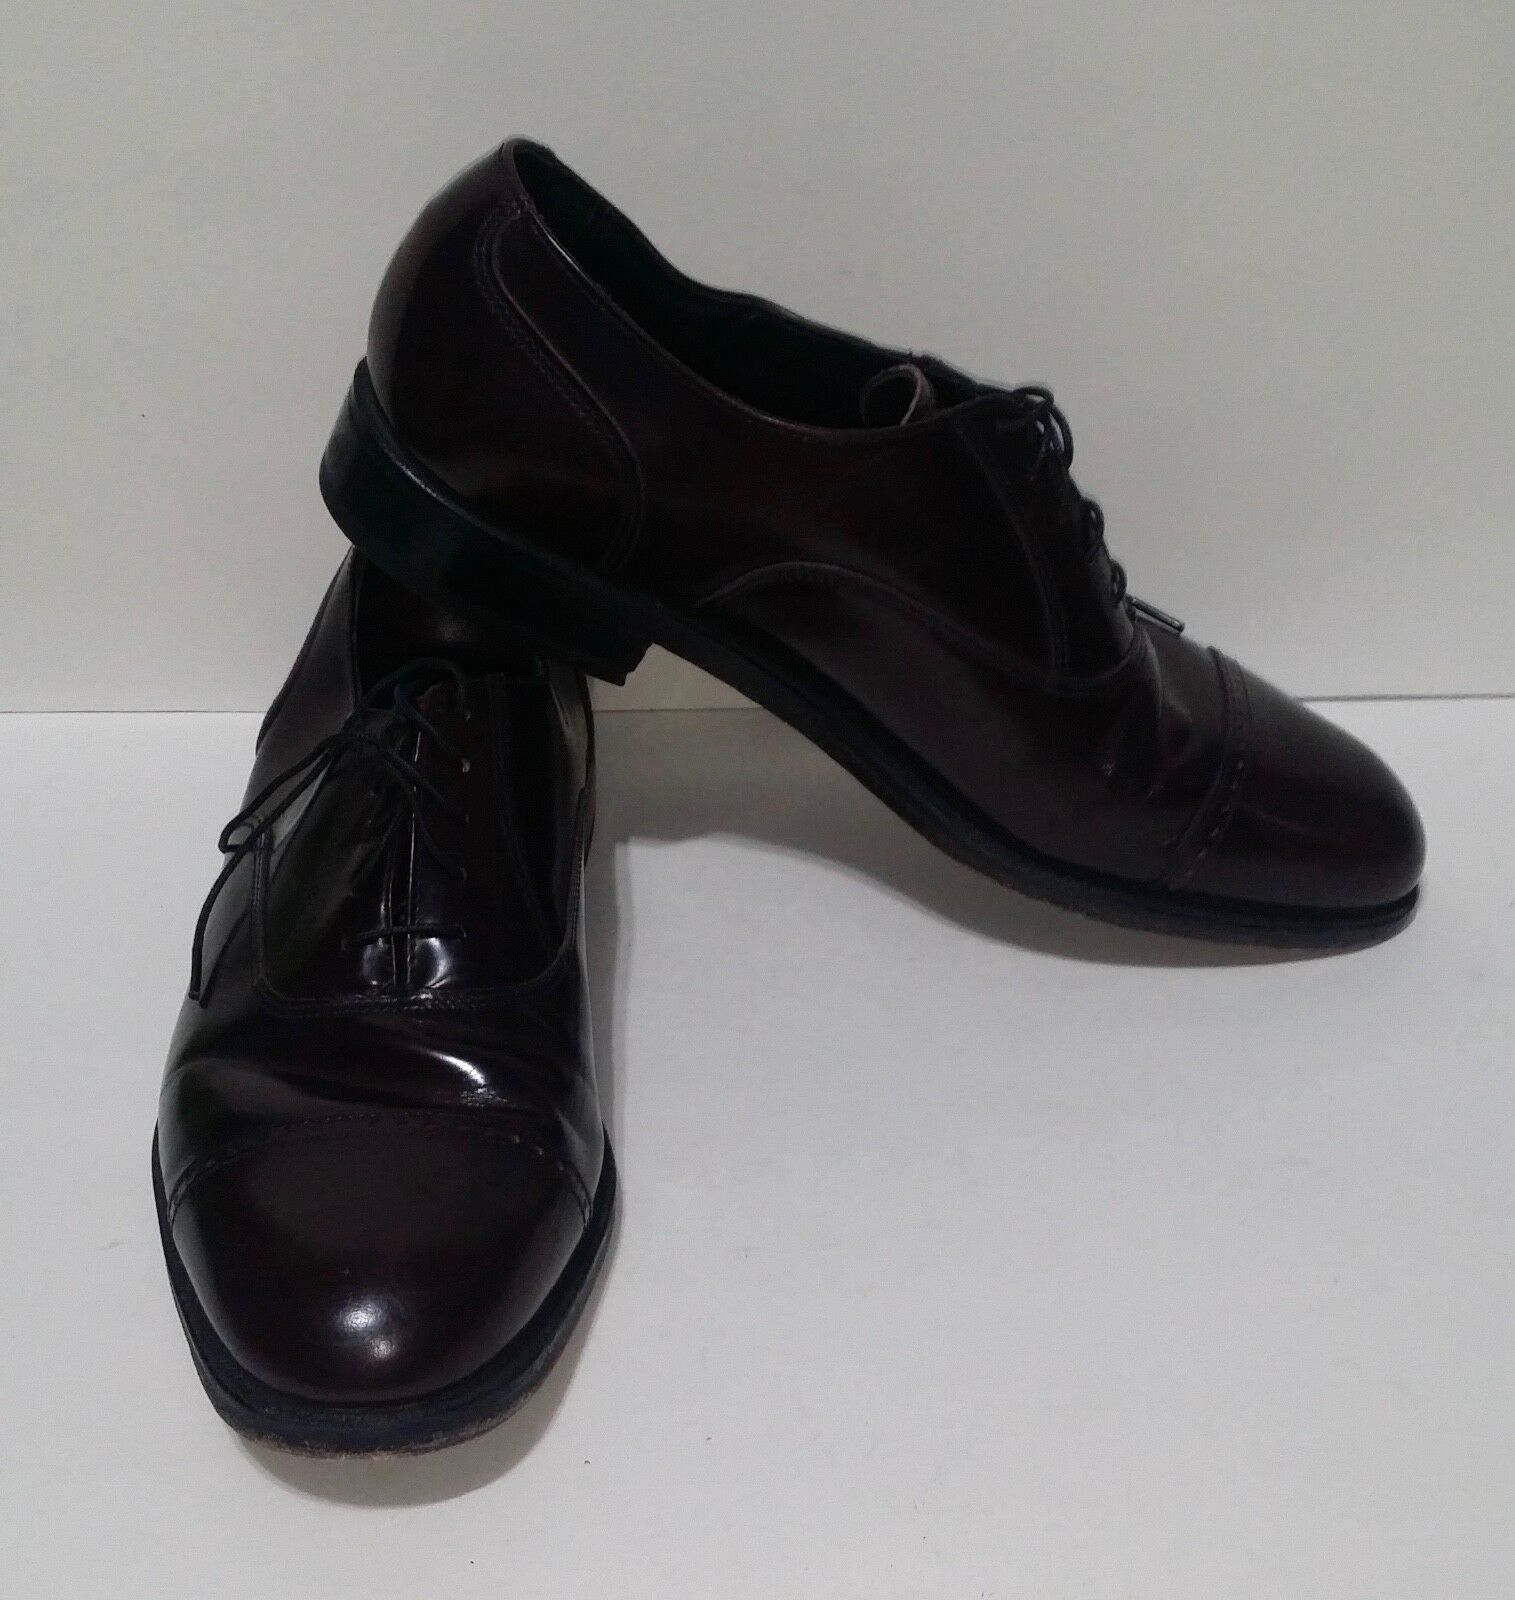 Florsheim Brown Leather Captoe Lace Up shoes Mens Size 8 D